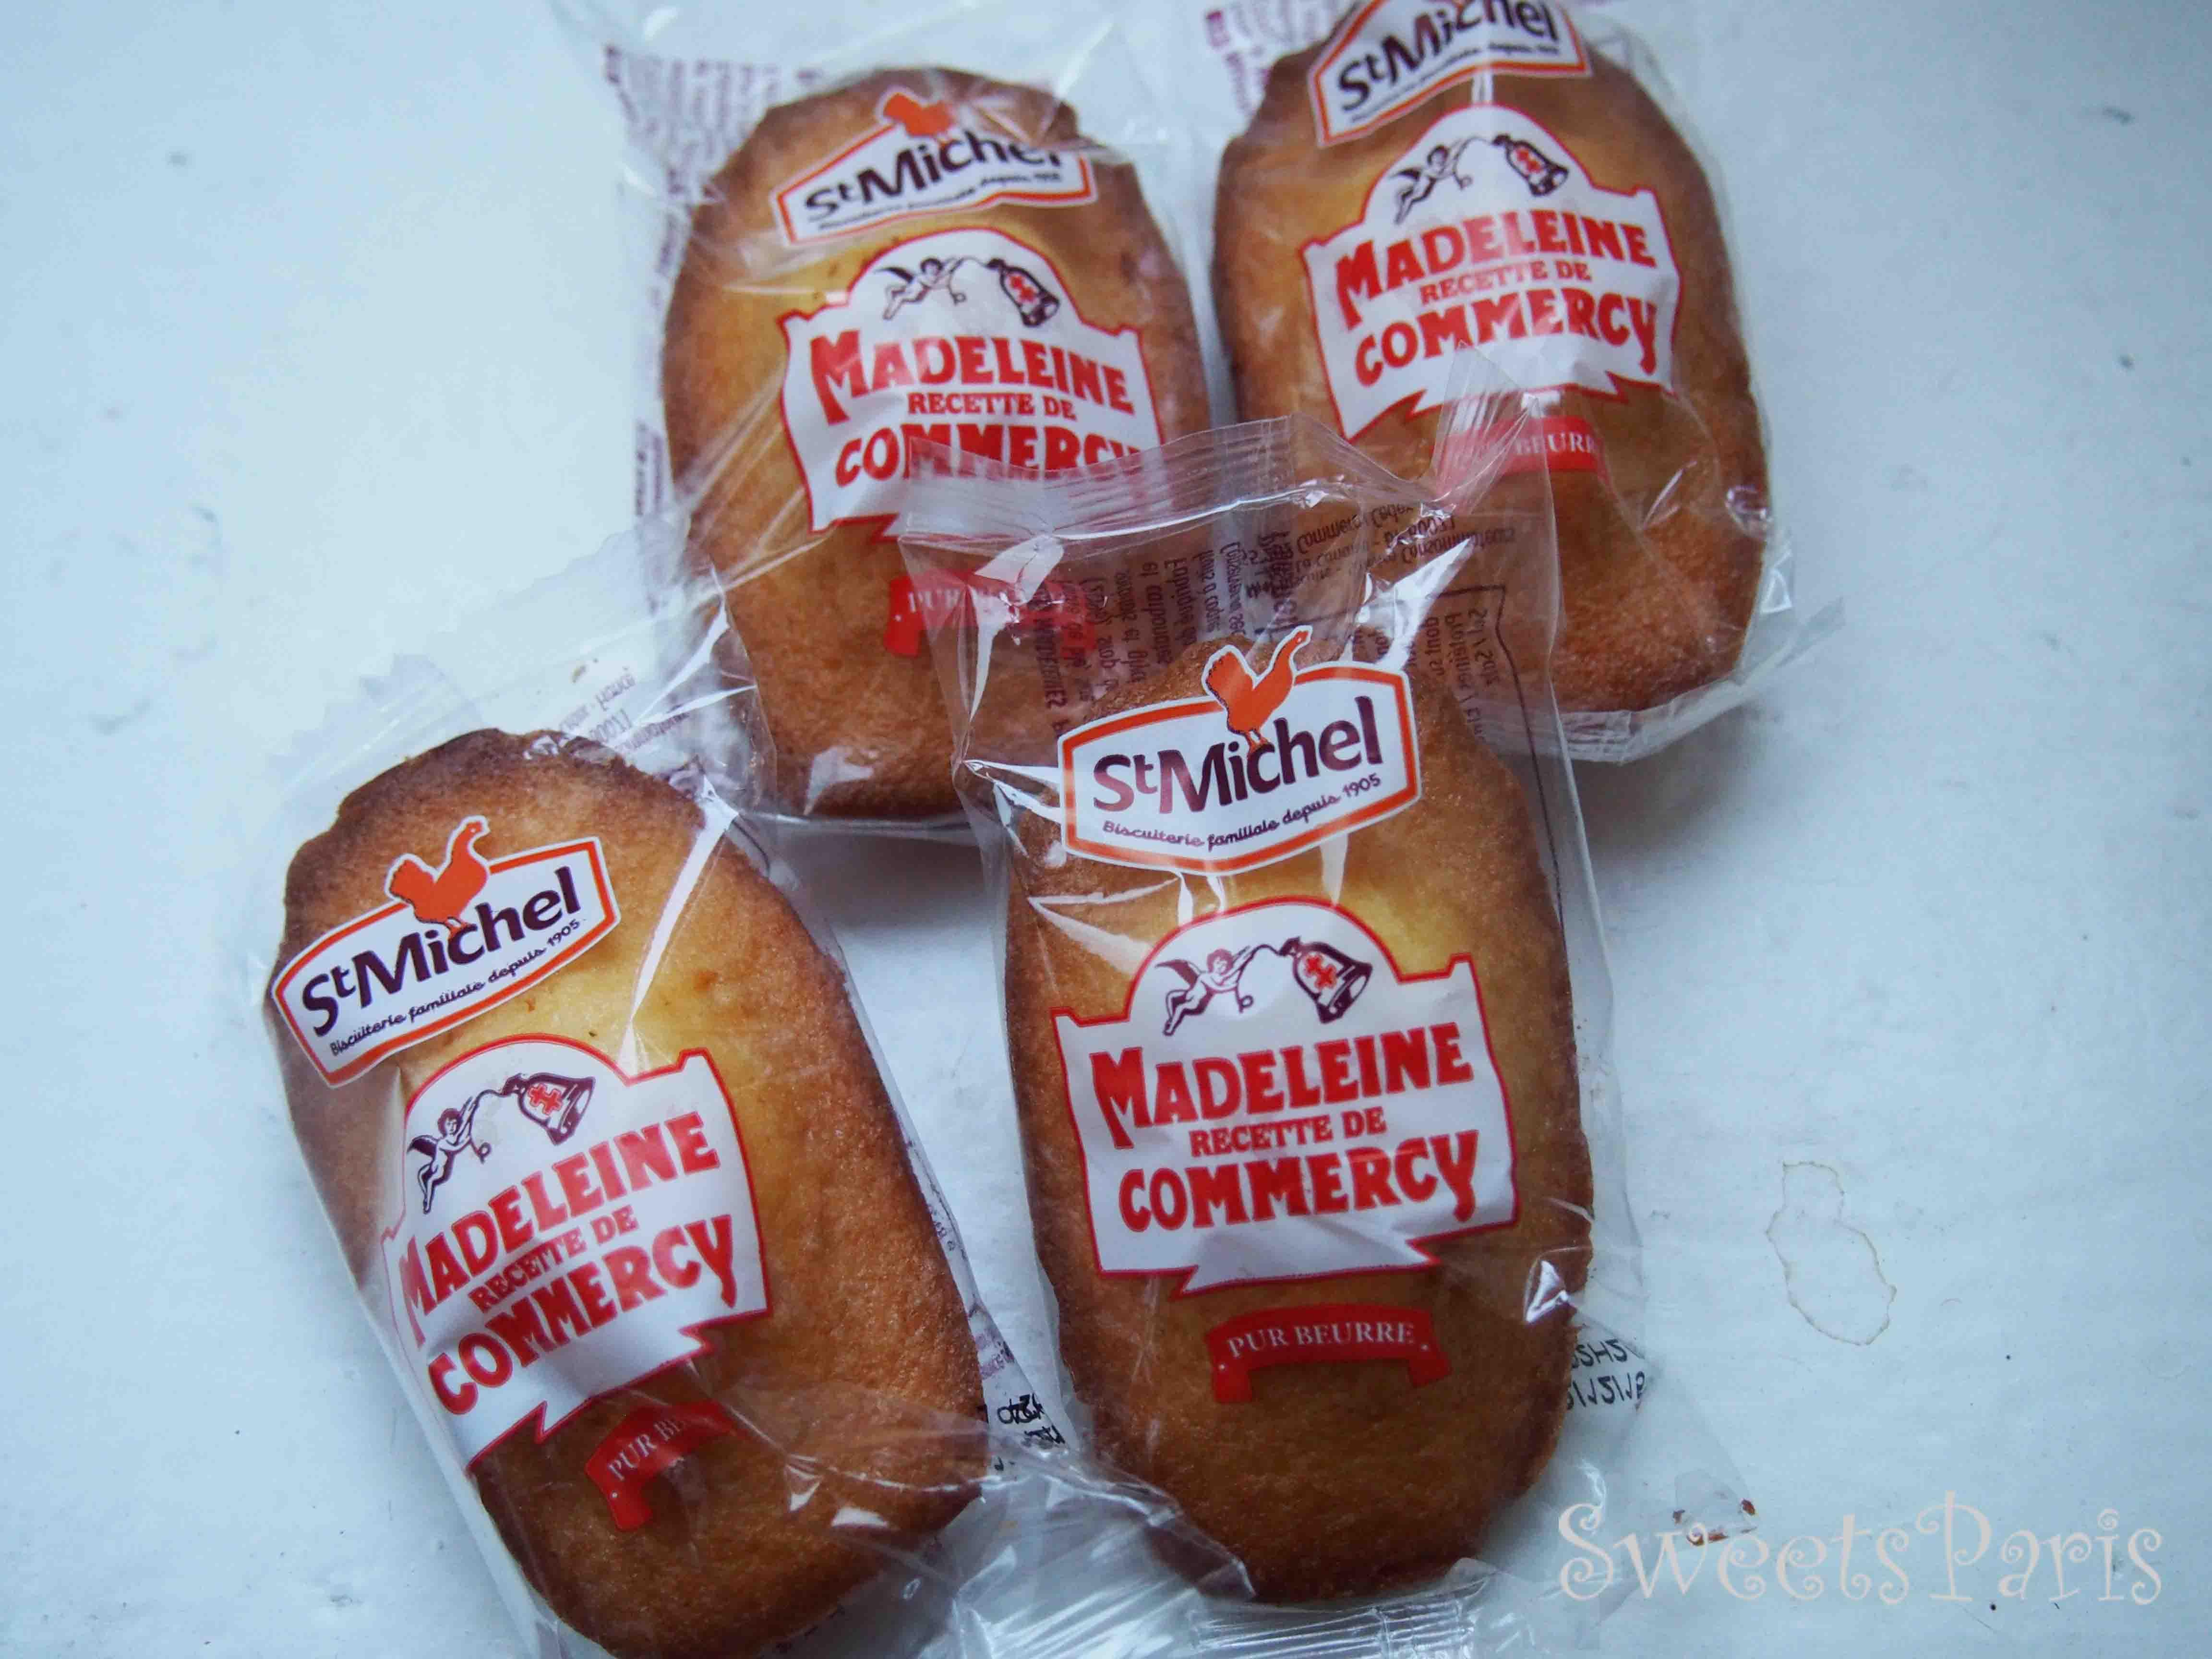 スーパーで買えるマドレーヌ Madeleine Commercy